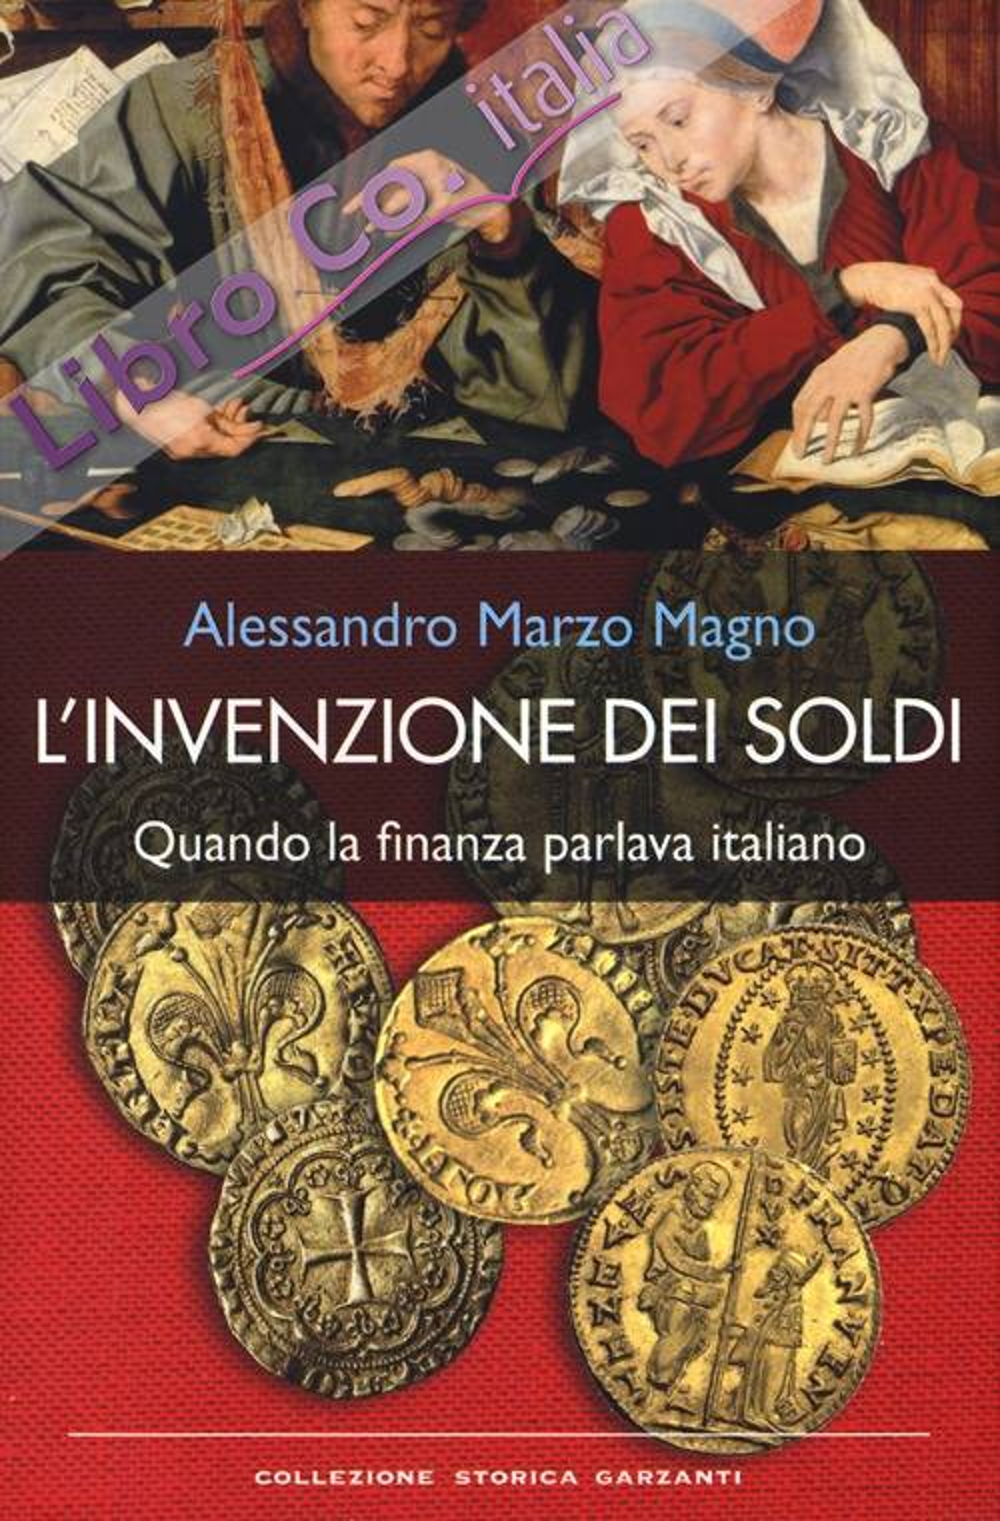 L'invenzione dei soldi. Quando la finanza parlava italiano.